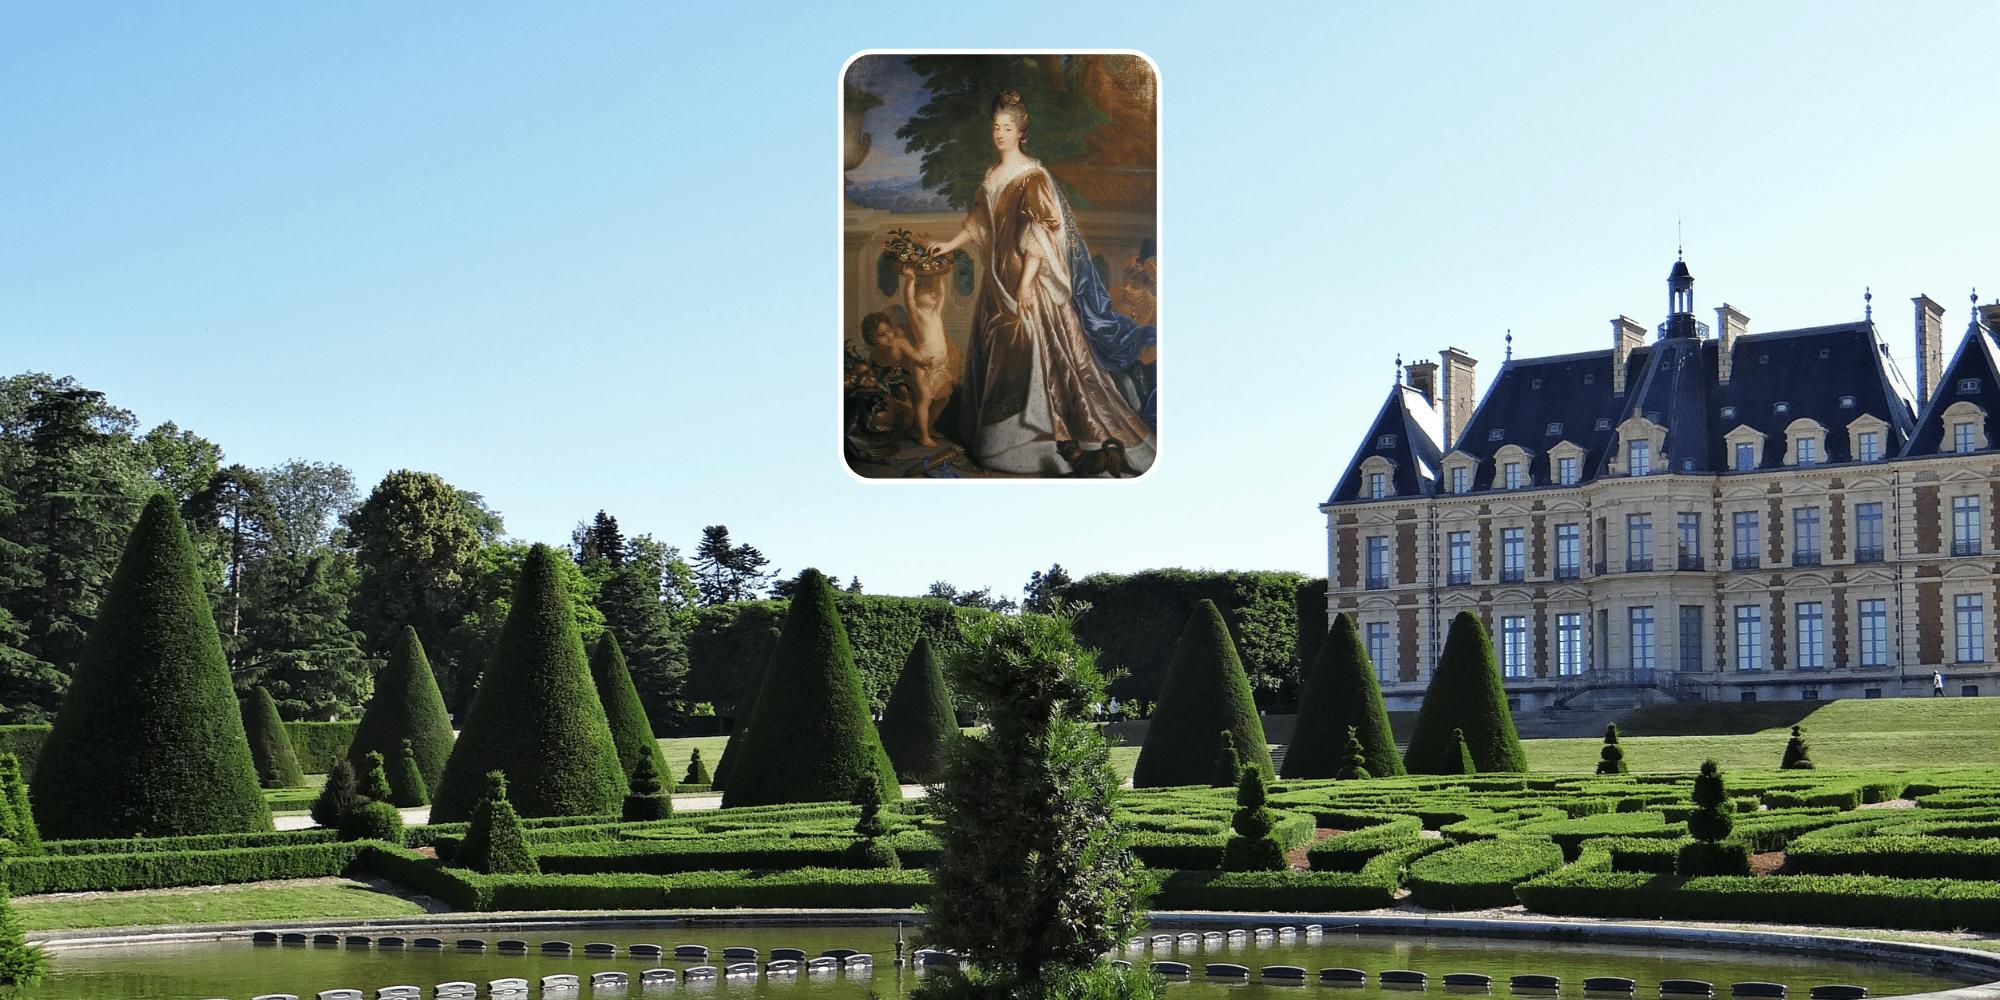 La duchesse du Maine et le château de Sceaux, par Anabelle Machou